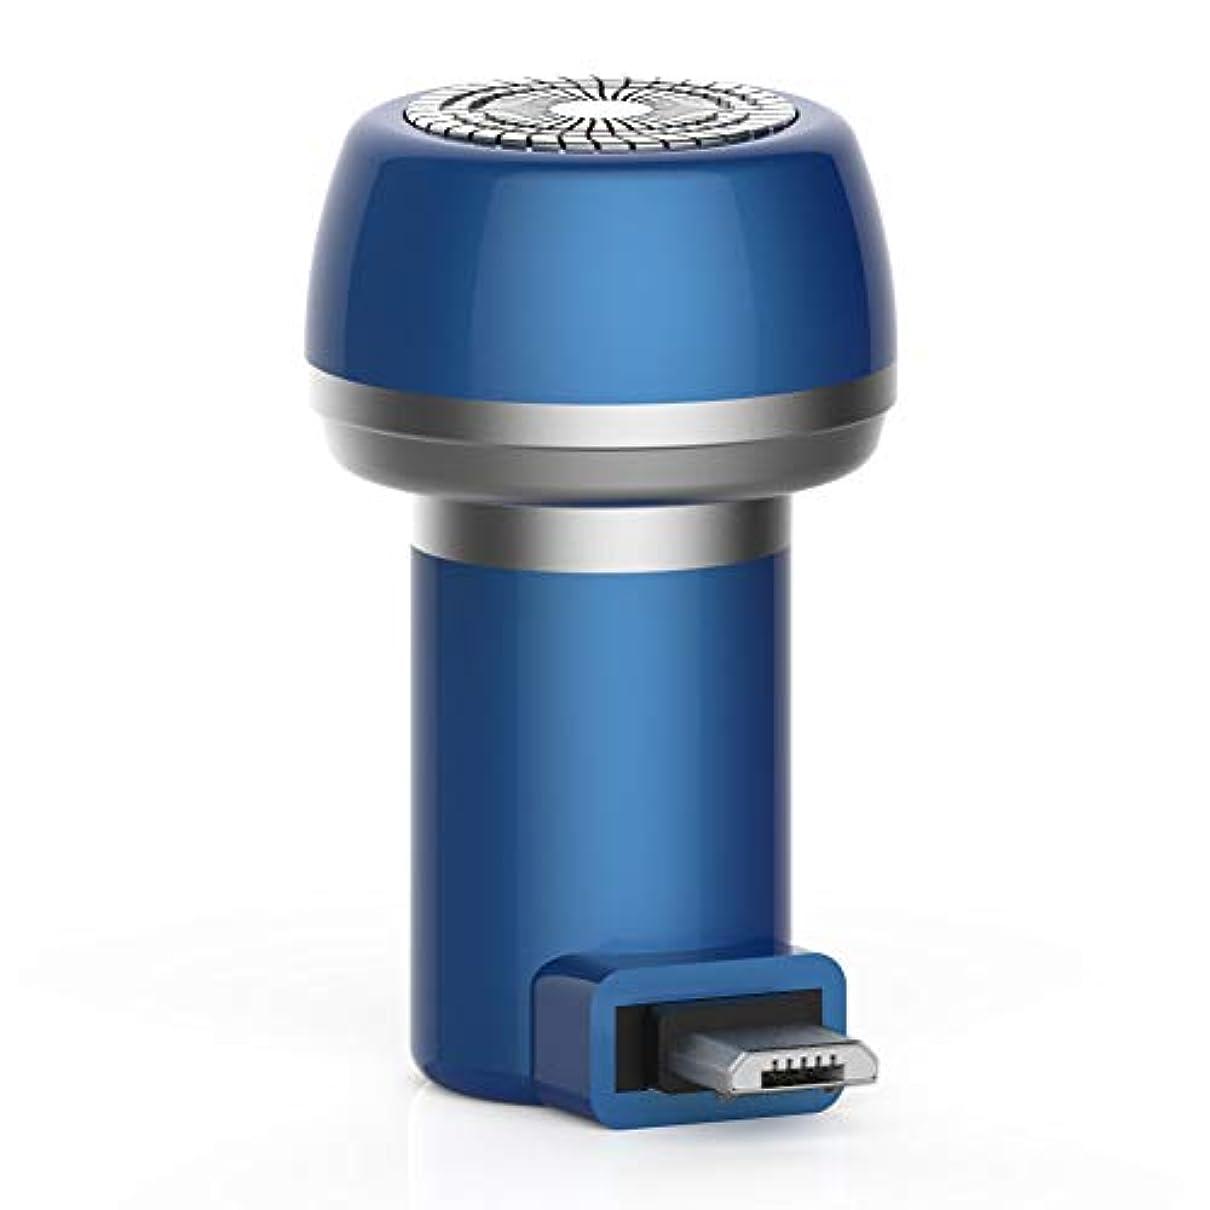 オペラ口実突っ込むBeaurtty 2 1磁気電気シェーバーミニポータブルType-C USB防水剃刀